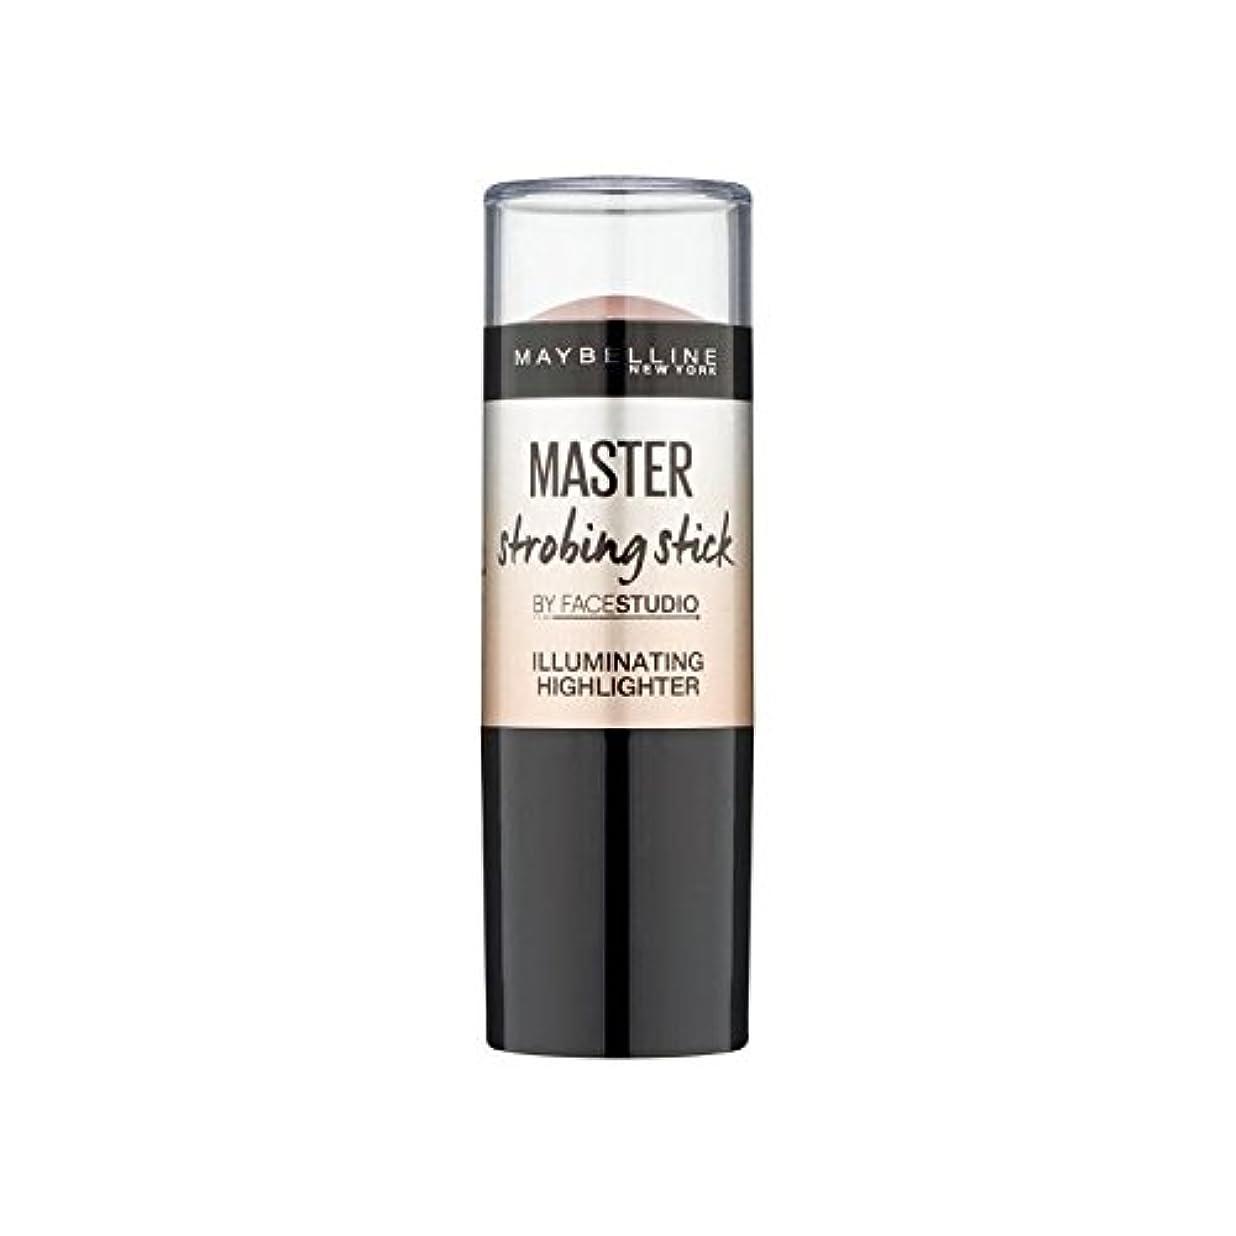 選挙邪魔鎮痛剤メイベリンマスターストロボスティックライト x2 - Maybelline Master Strobing Stick Light (Pack of 2) [並行輸入品]